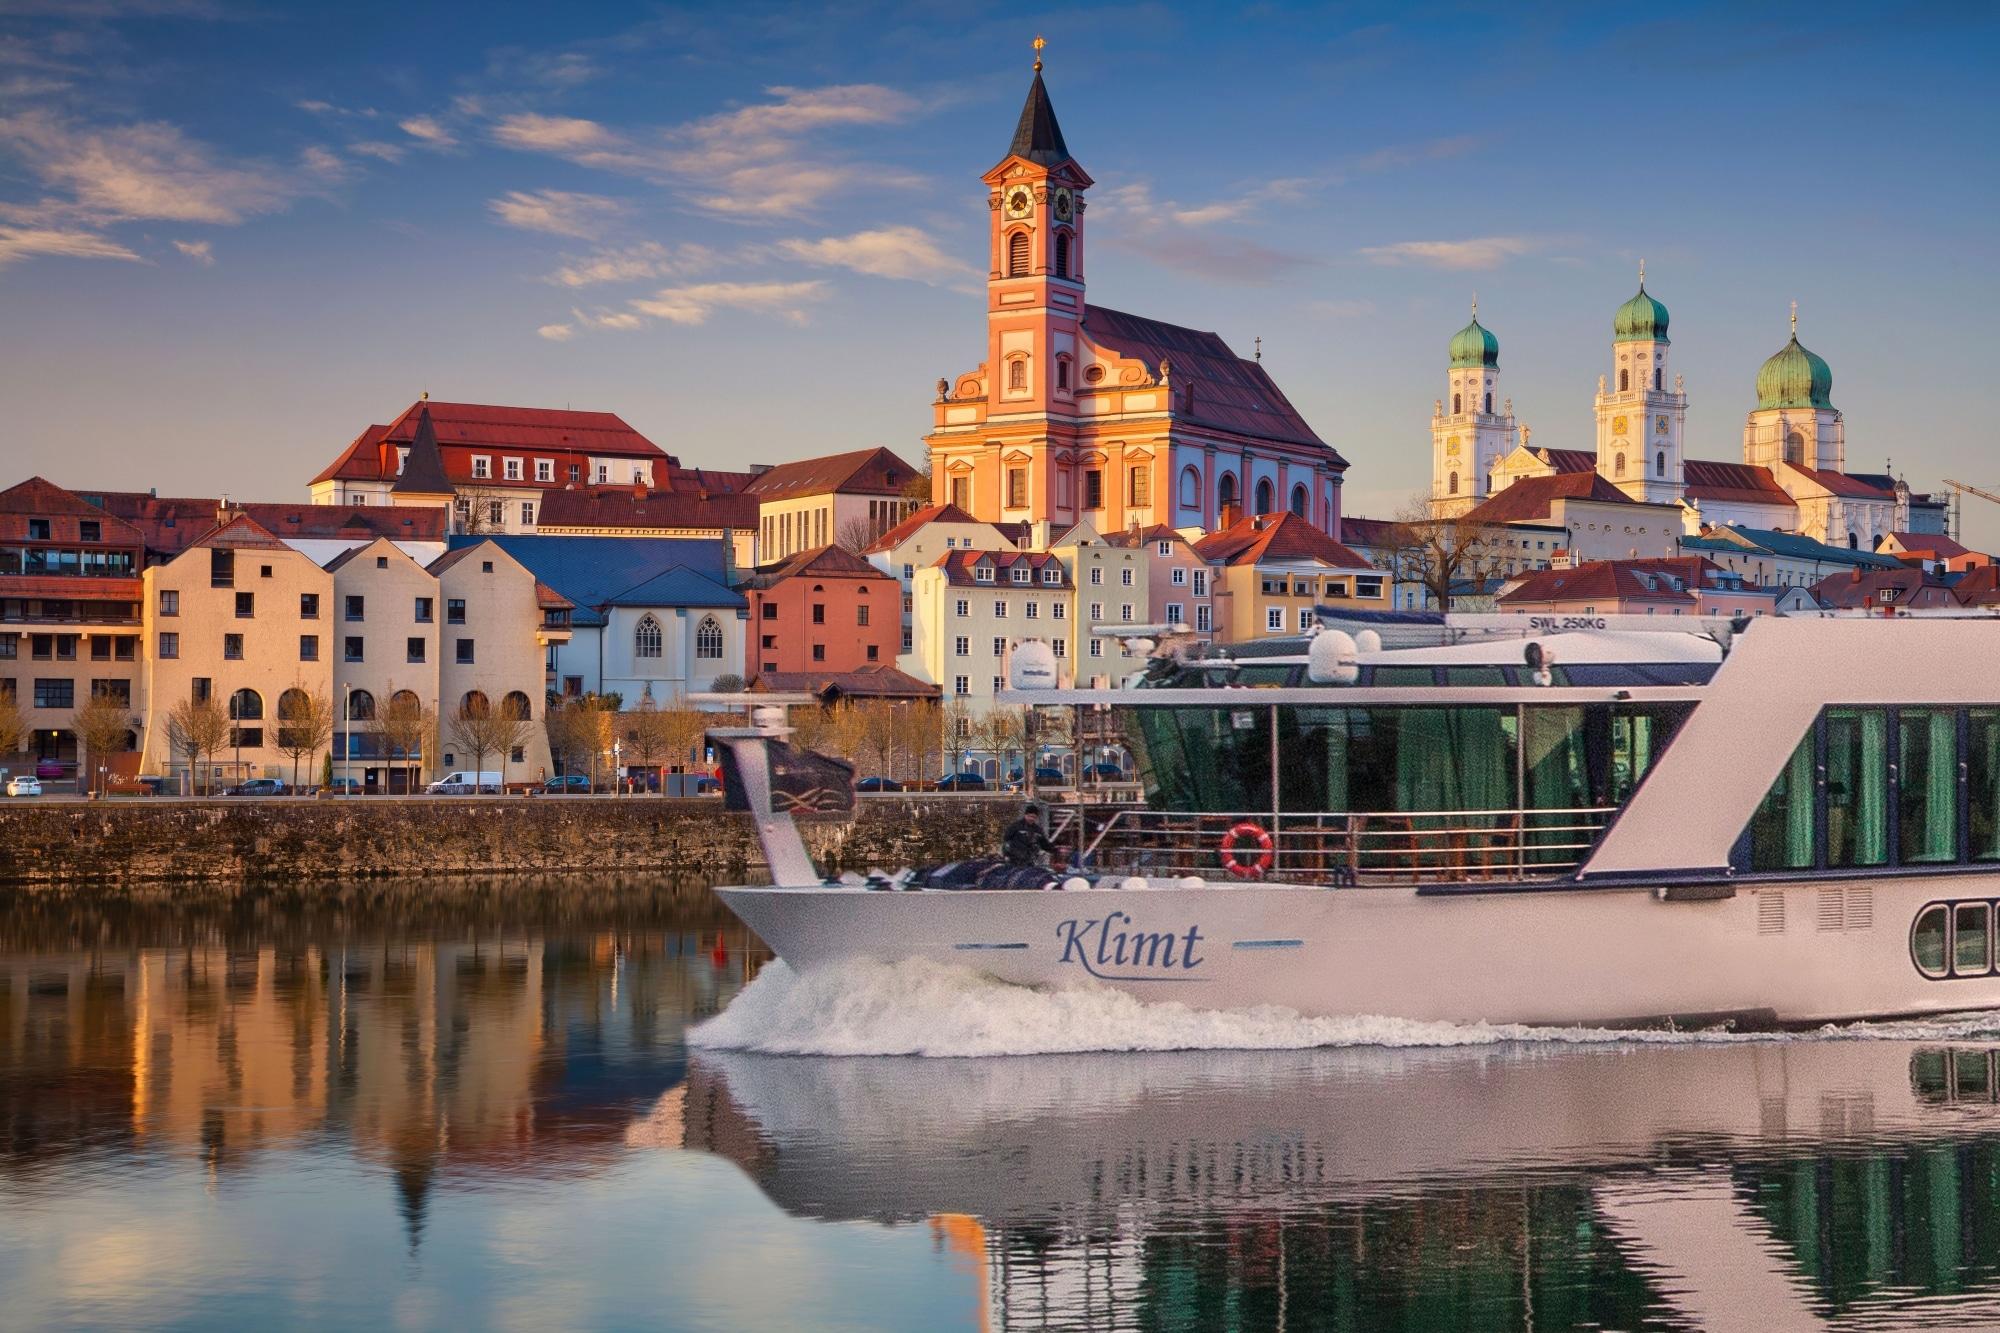 MS Klimt in Passau